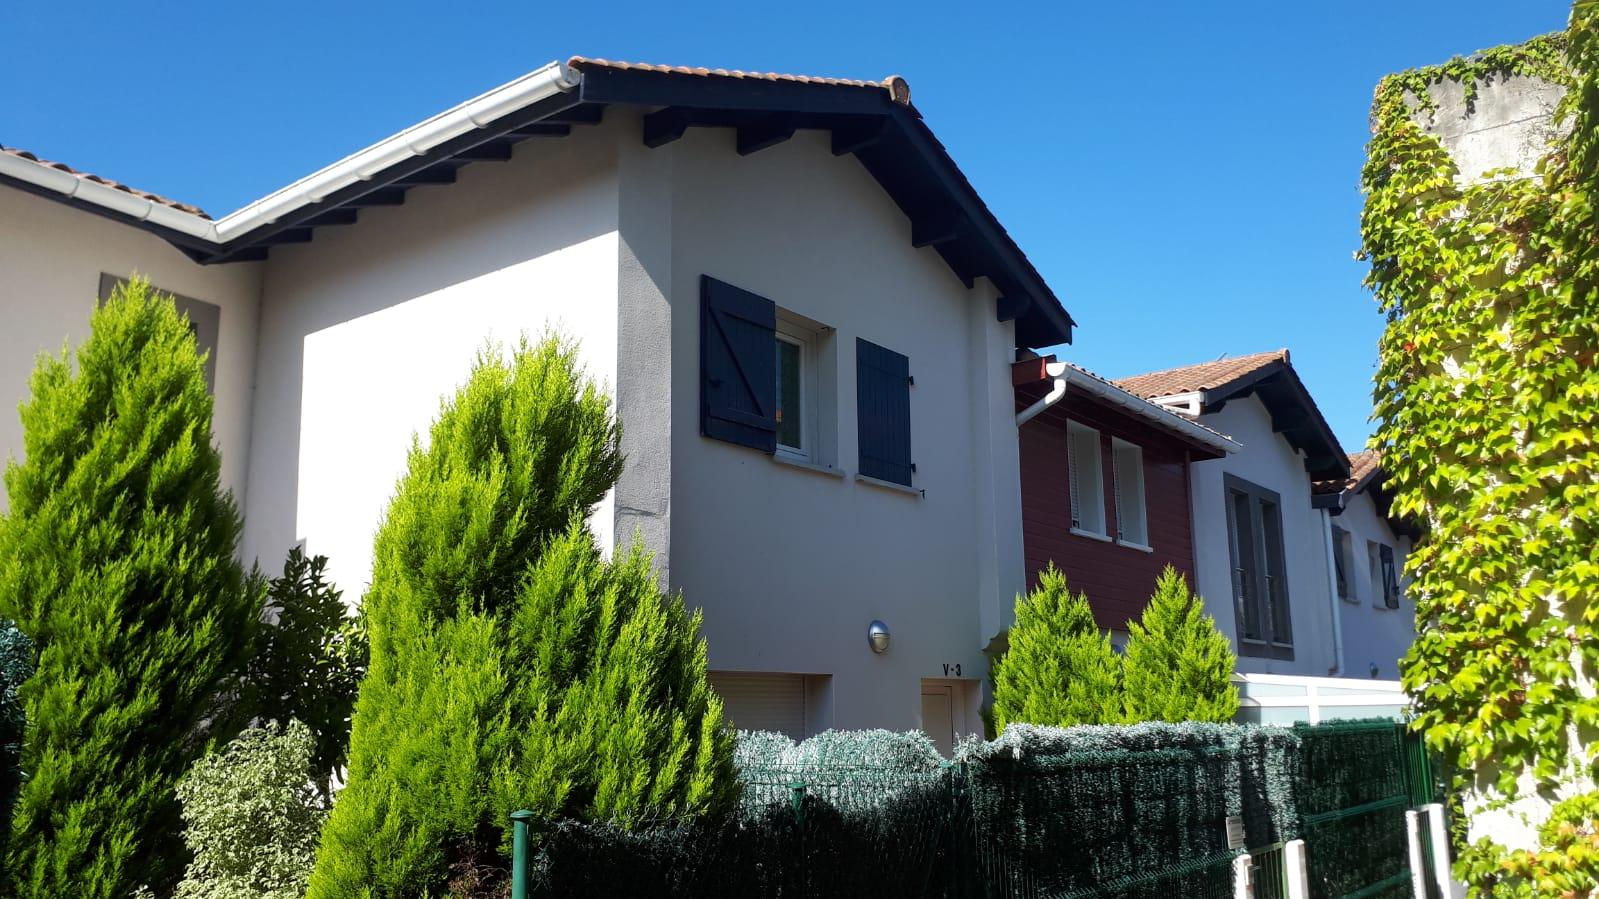 Vivienda adosada en muy buen estado, para entrar a vivir, 3 habitaciones, terraza y dos garajes cerrados.